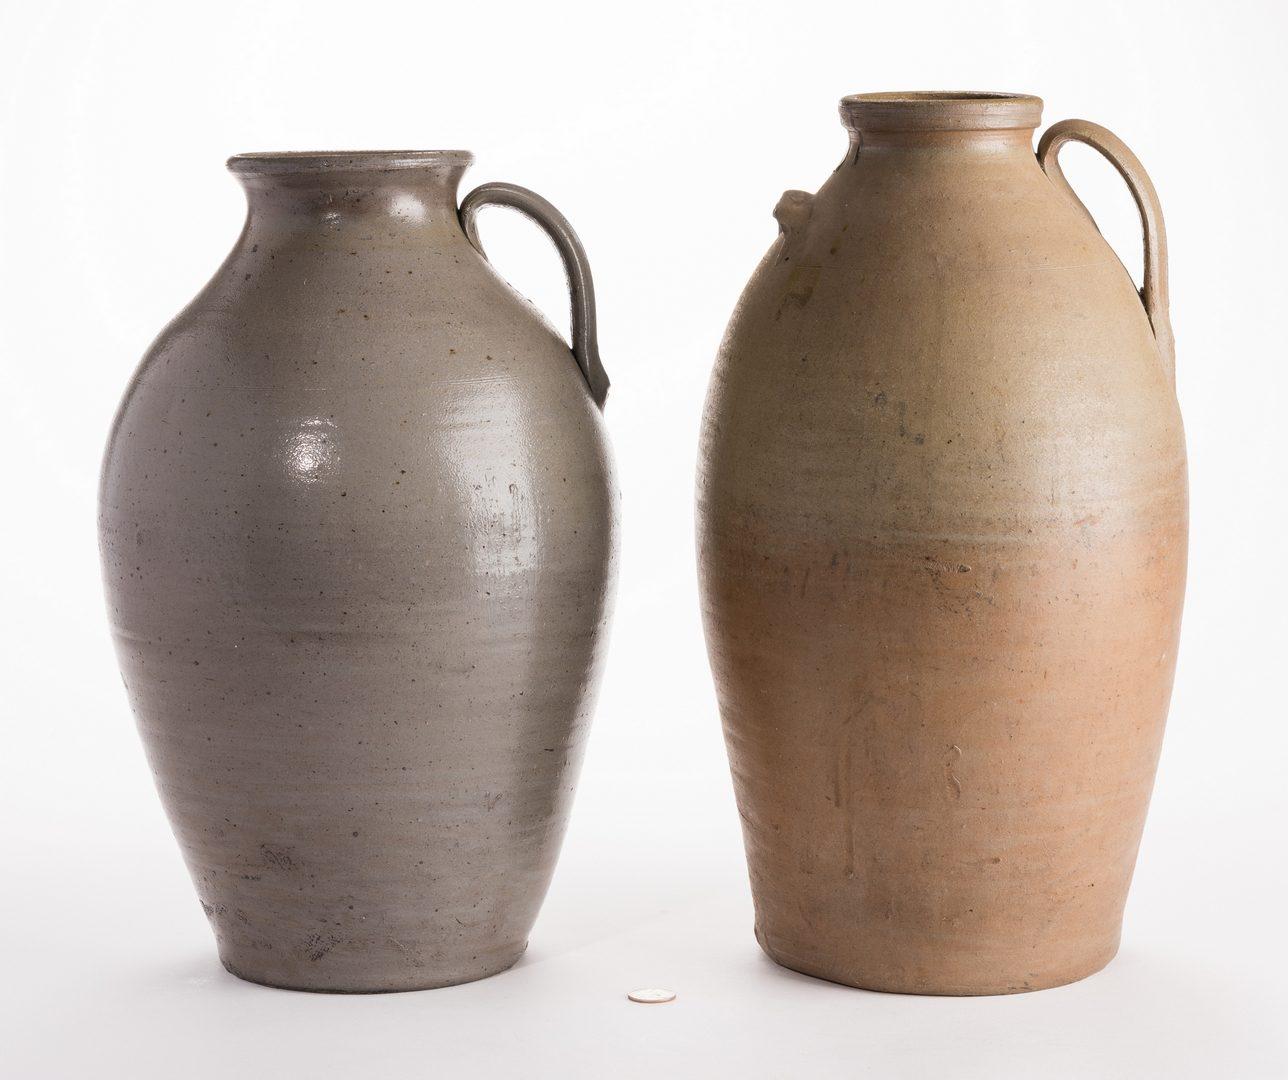 Lot 563: 2 Large Middle TN Stoneware Honey Jars